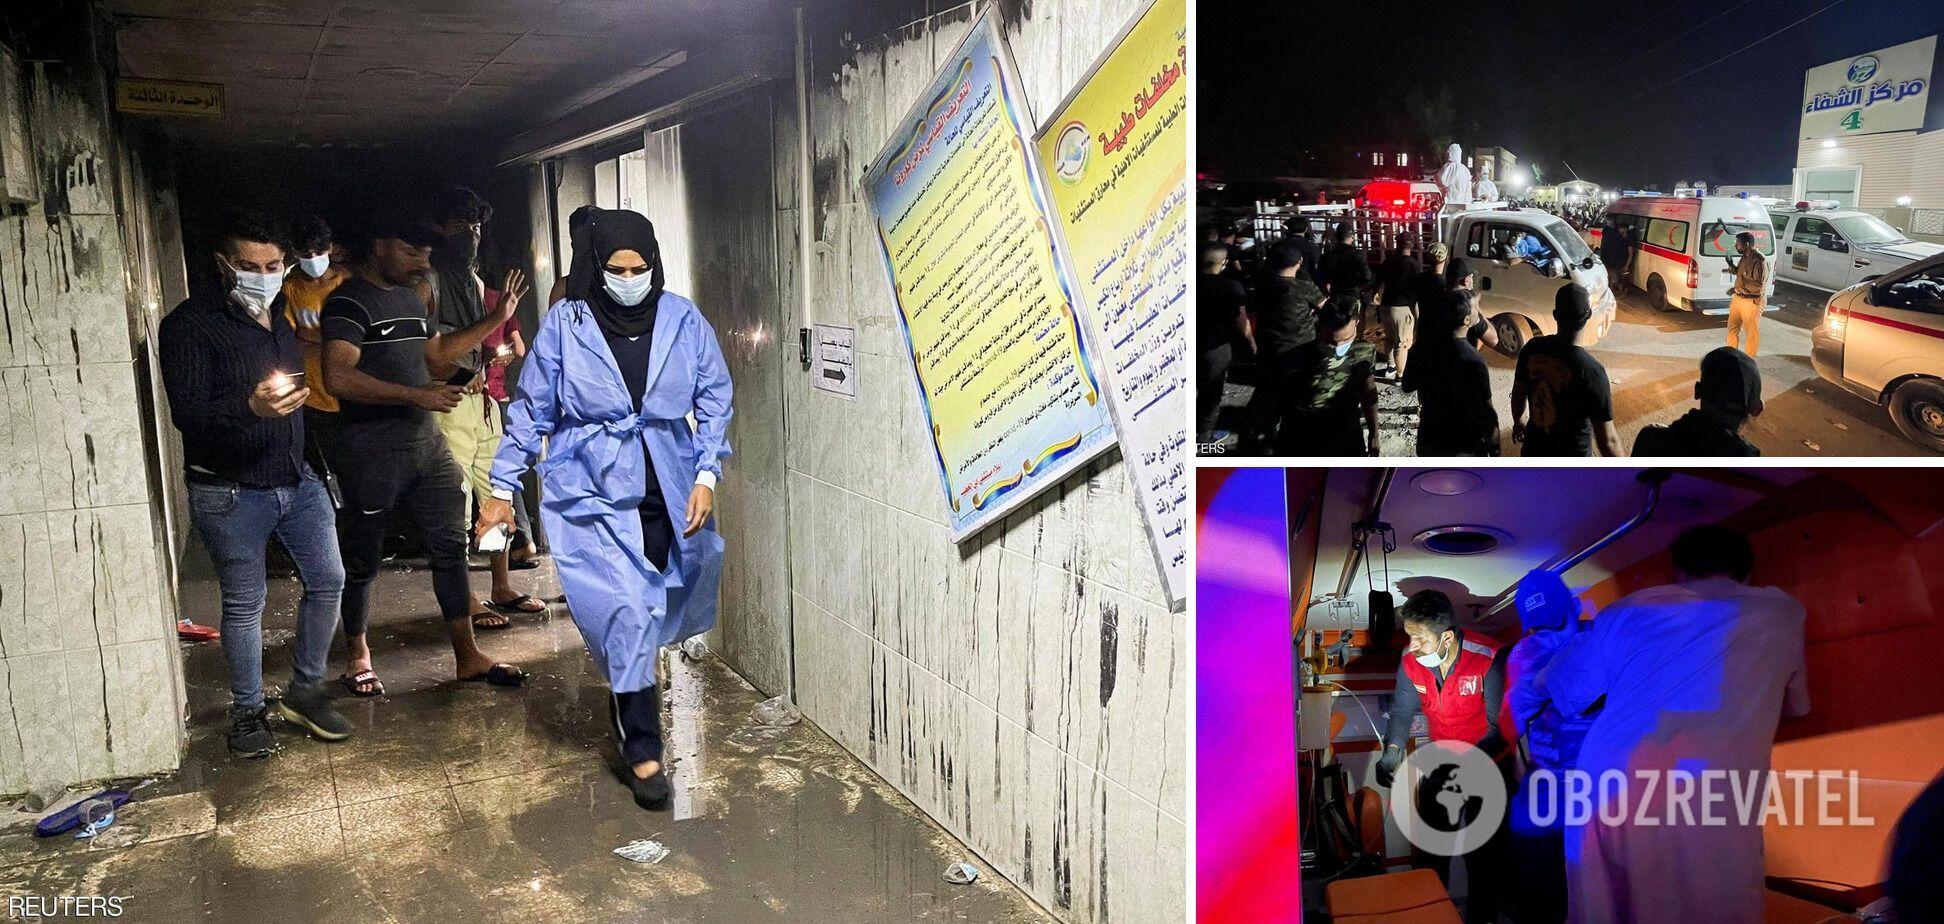 НП забрала десятки життів, більше сотні людей постраждали